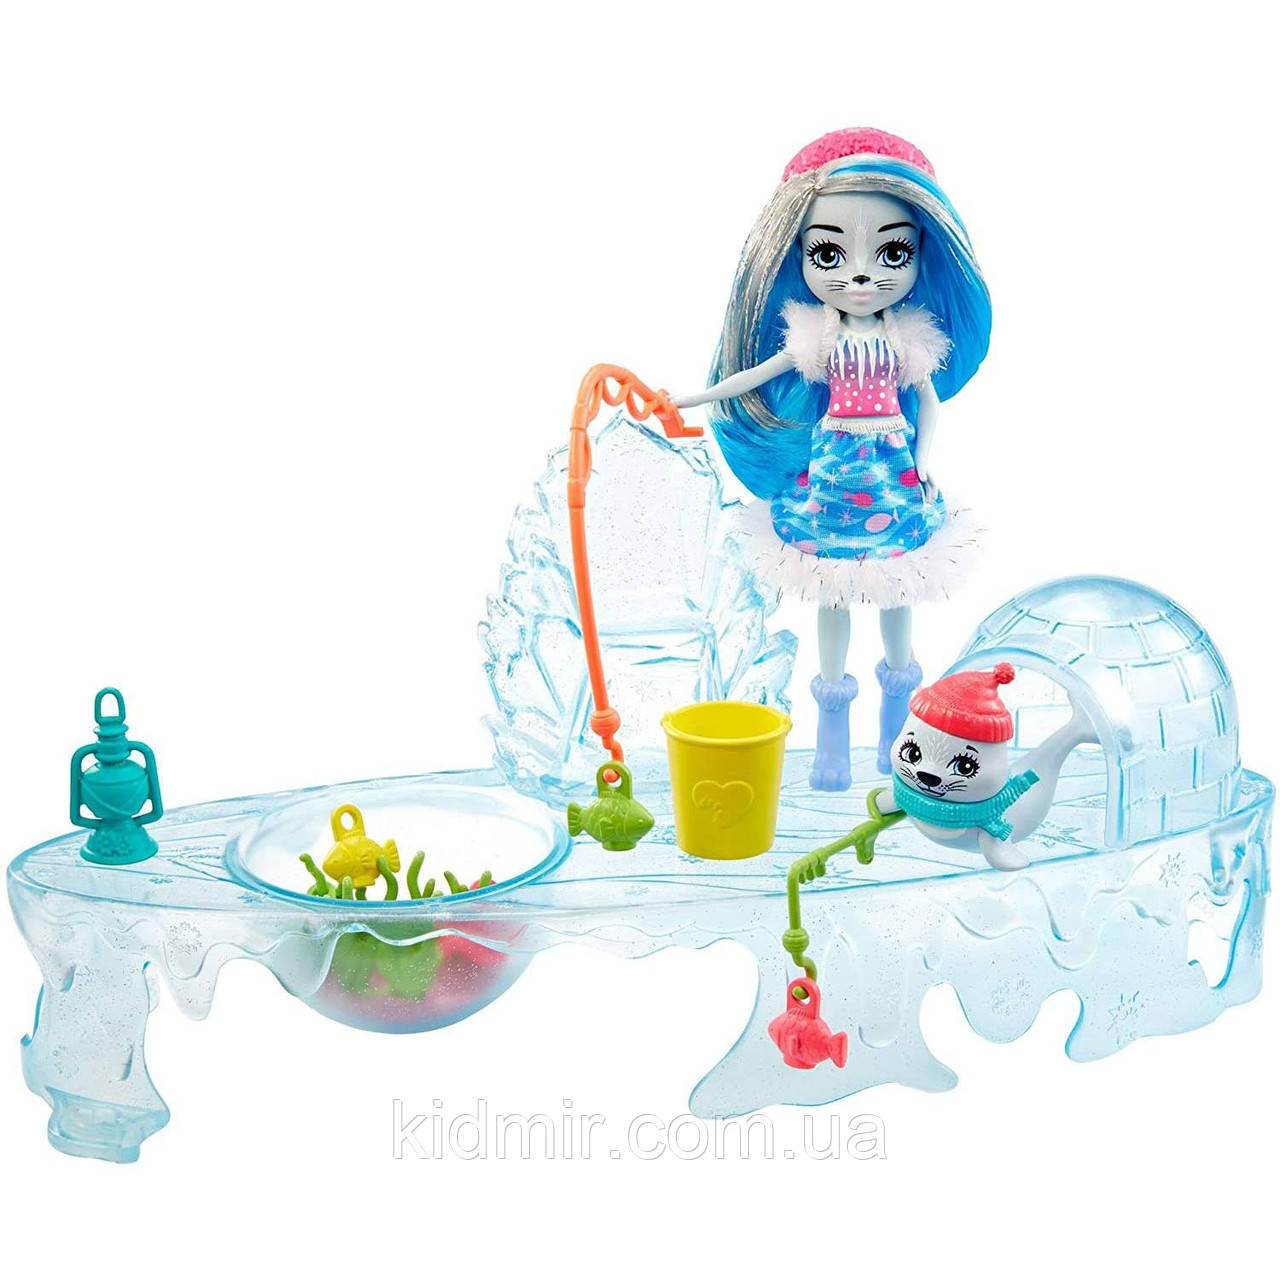 Набор Enchantimals Зимняя рыбалка с тюленями и кукла Саша тюлень GJX48